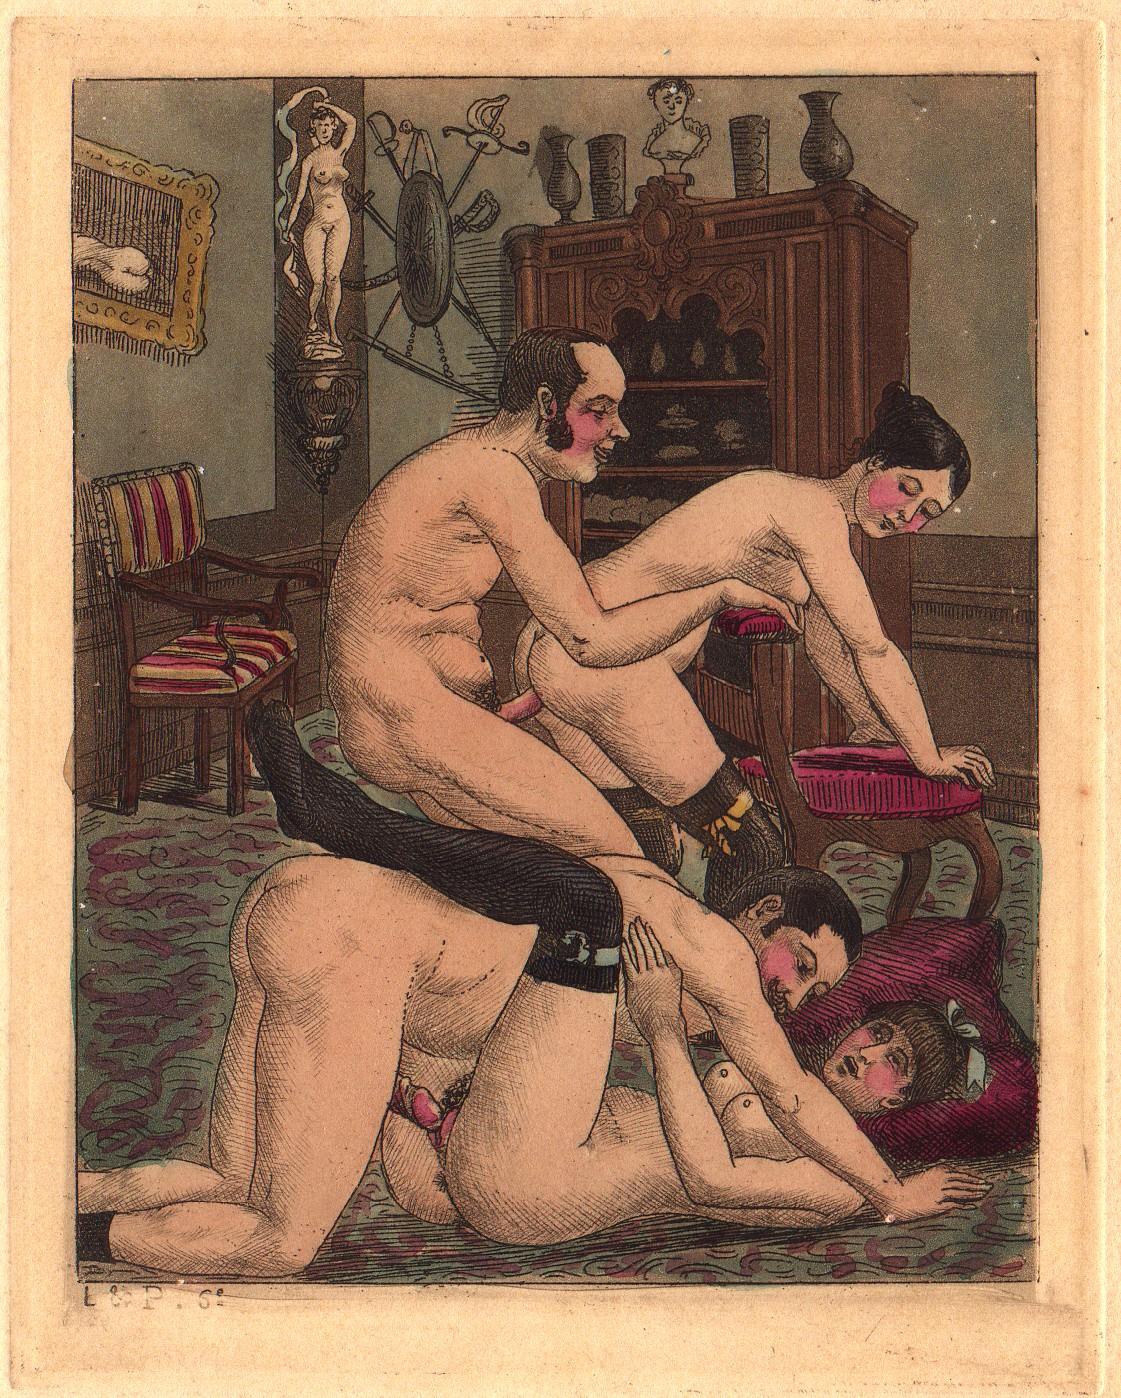 Порнофото 18-19 веков